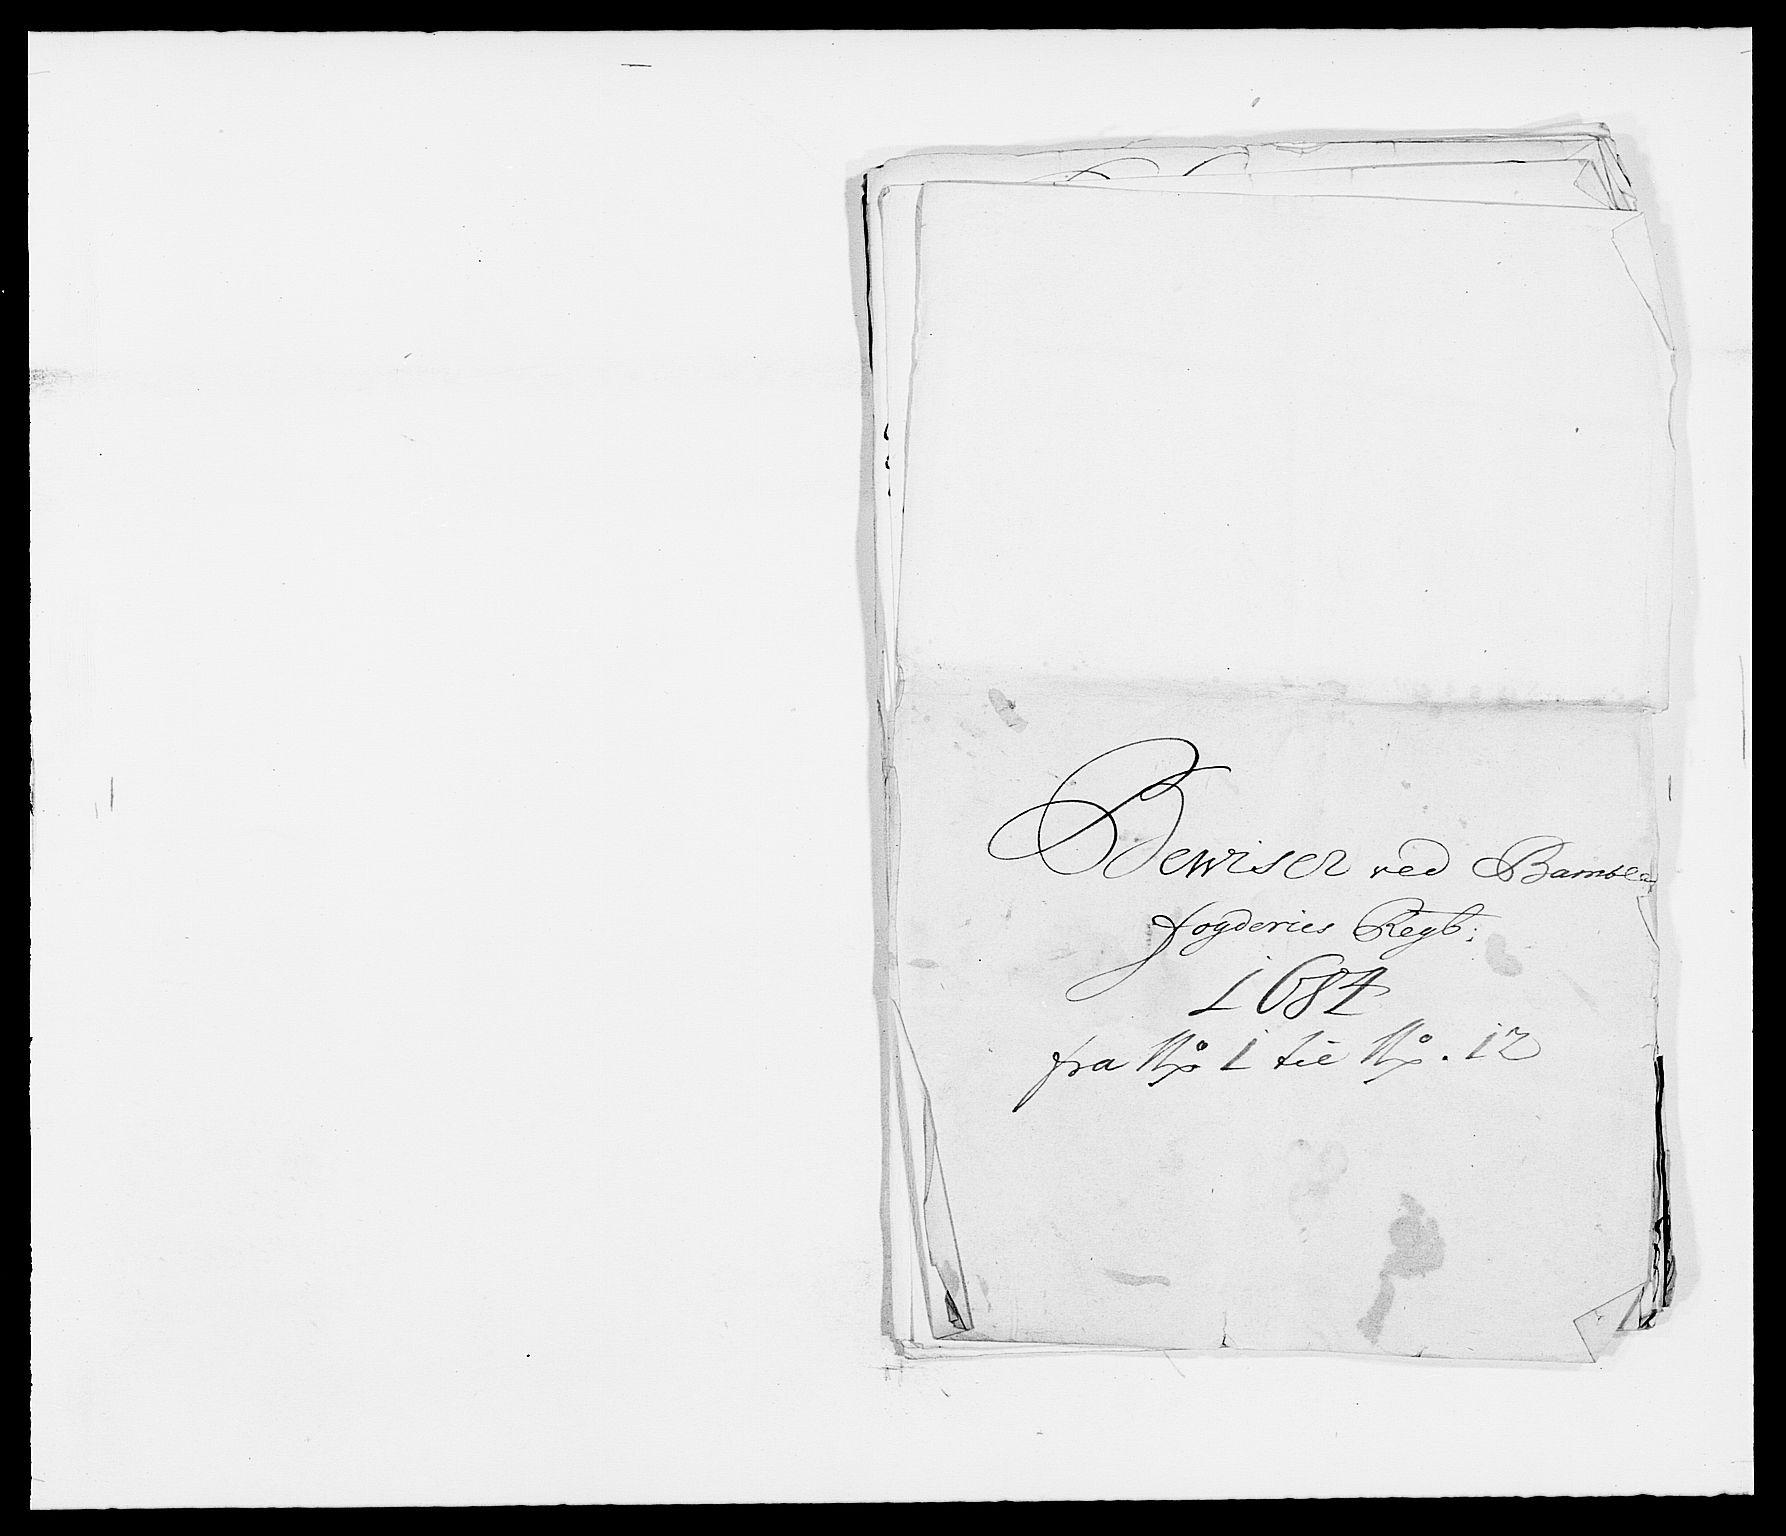 RA, Rentekammeret inntil 1814, Reviderte regnskaper, Fogderegnskap, R34/L2047: Fogderegnskap Bamble, 1684, s. 156